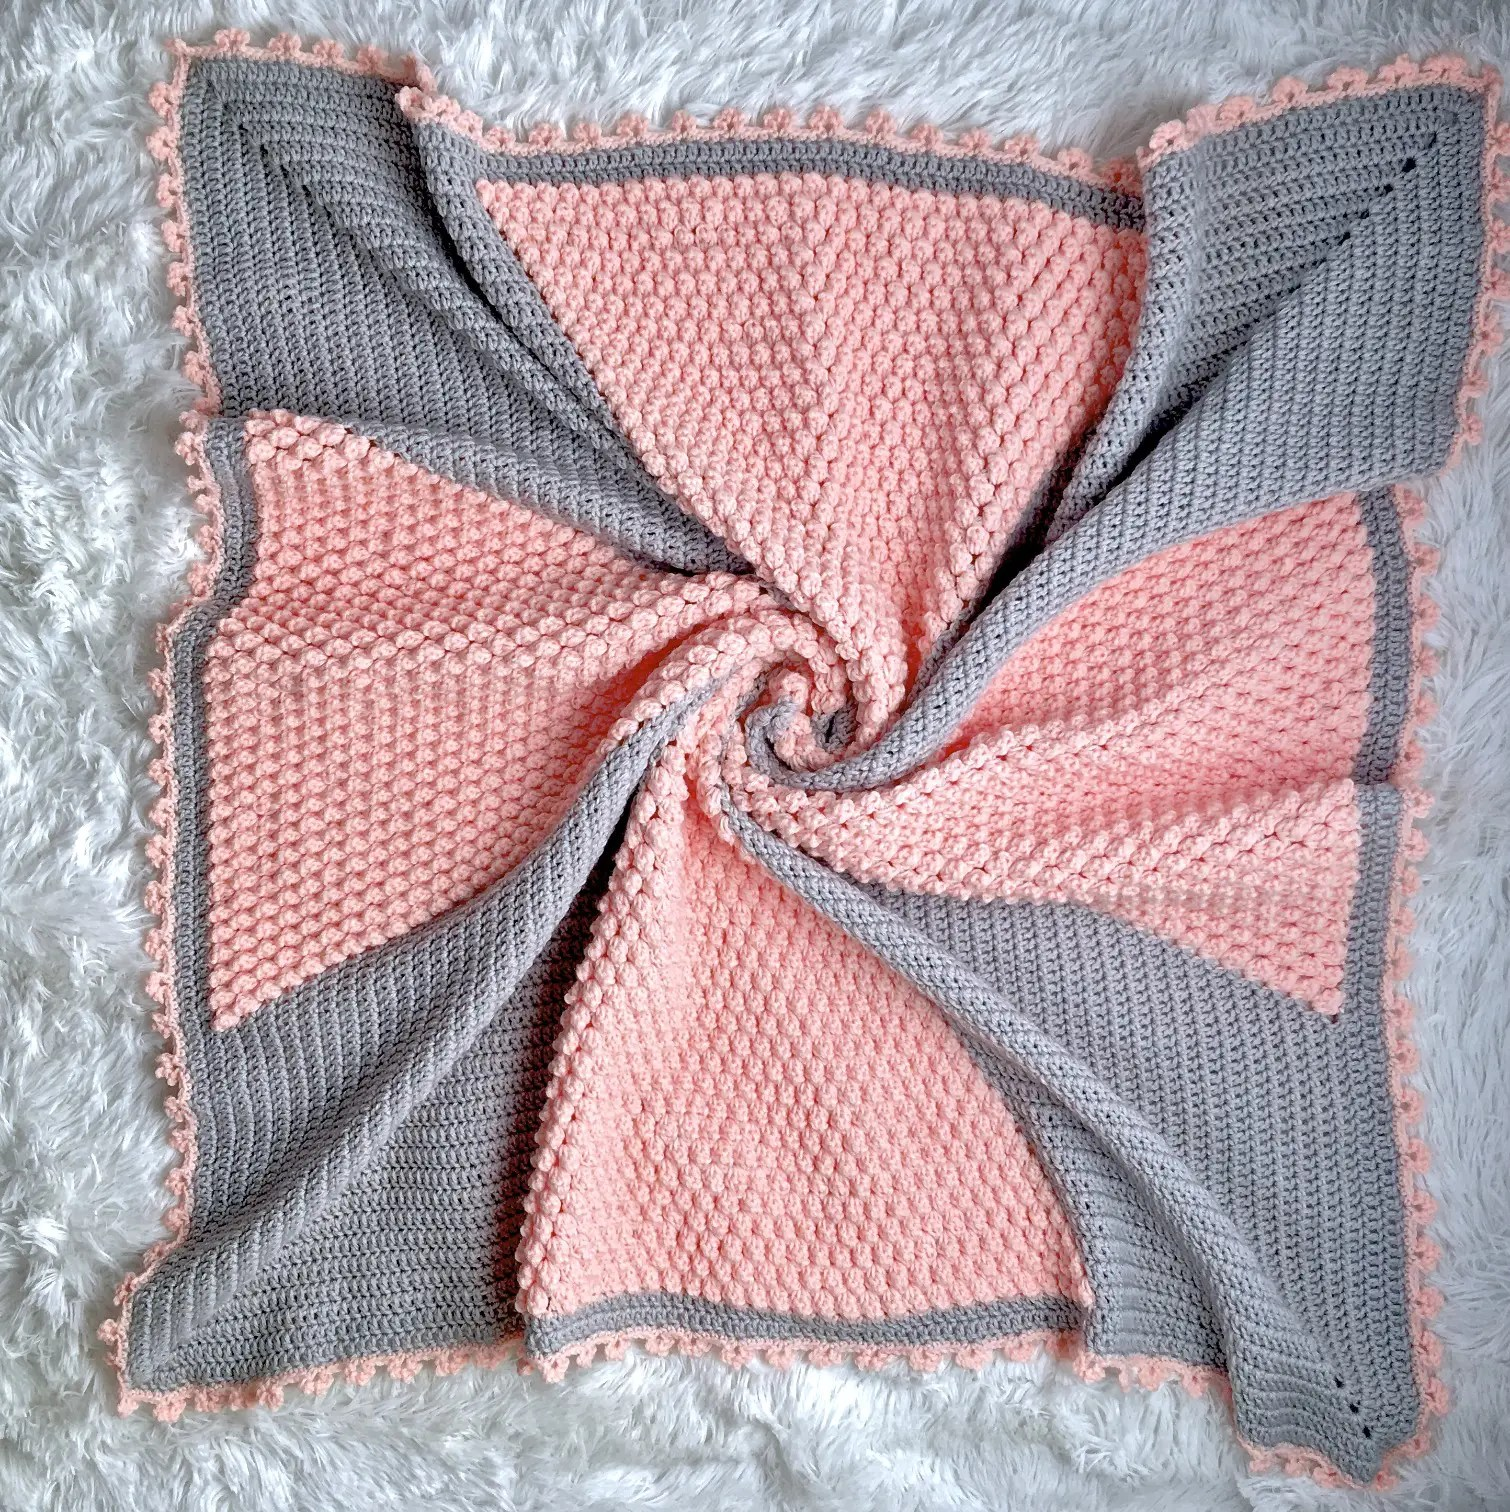 Cross My Heart Baby Blanket Free Crochet Pattern - Nana's ...